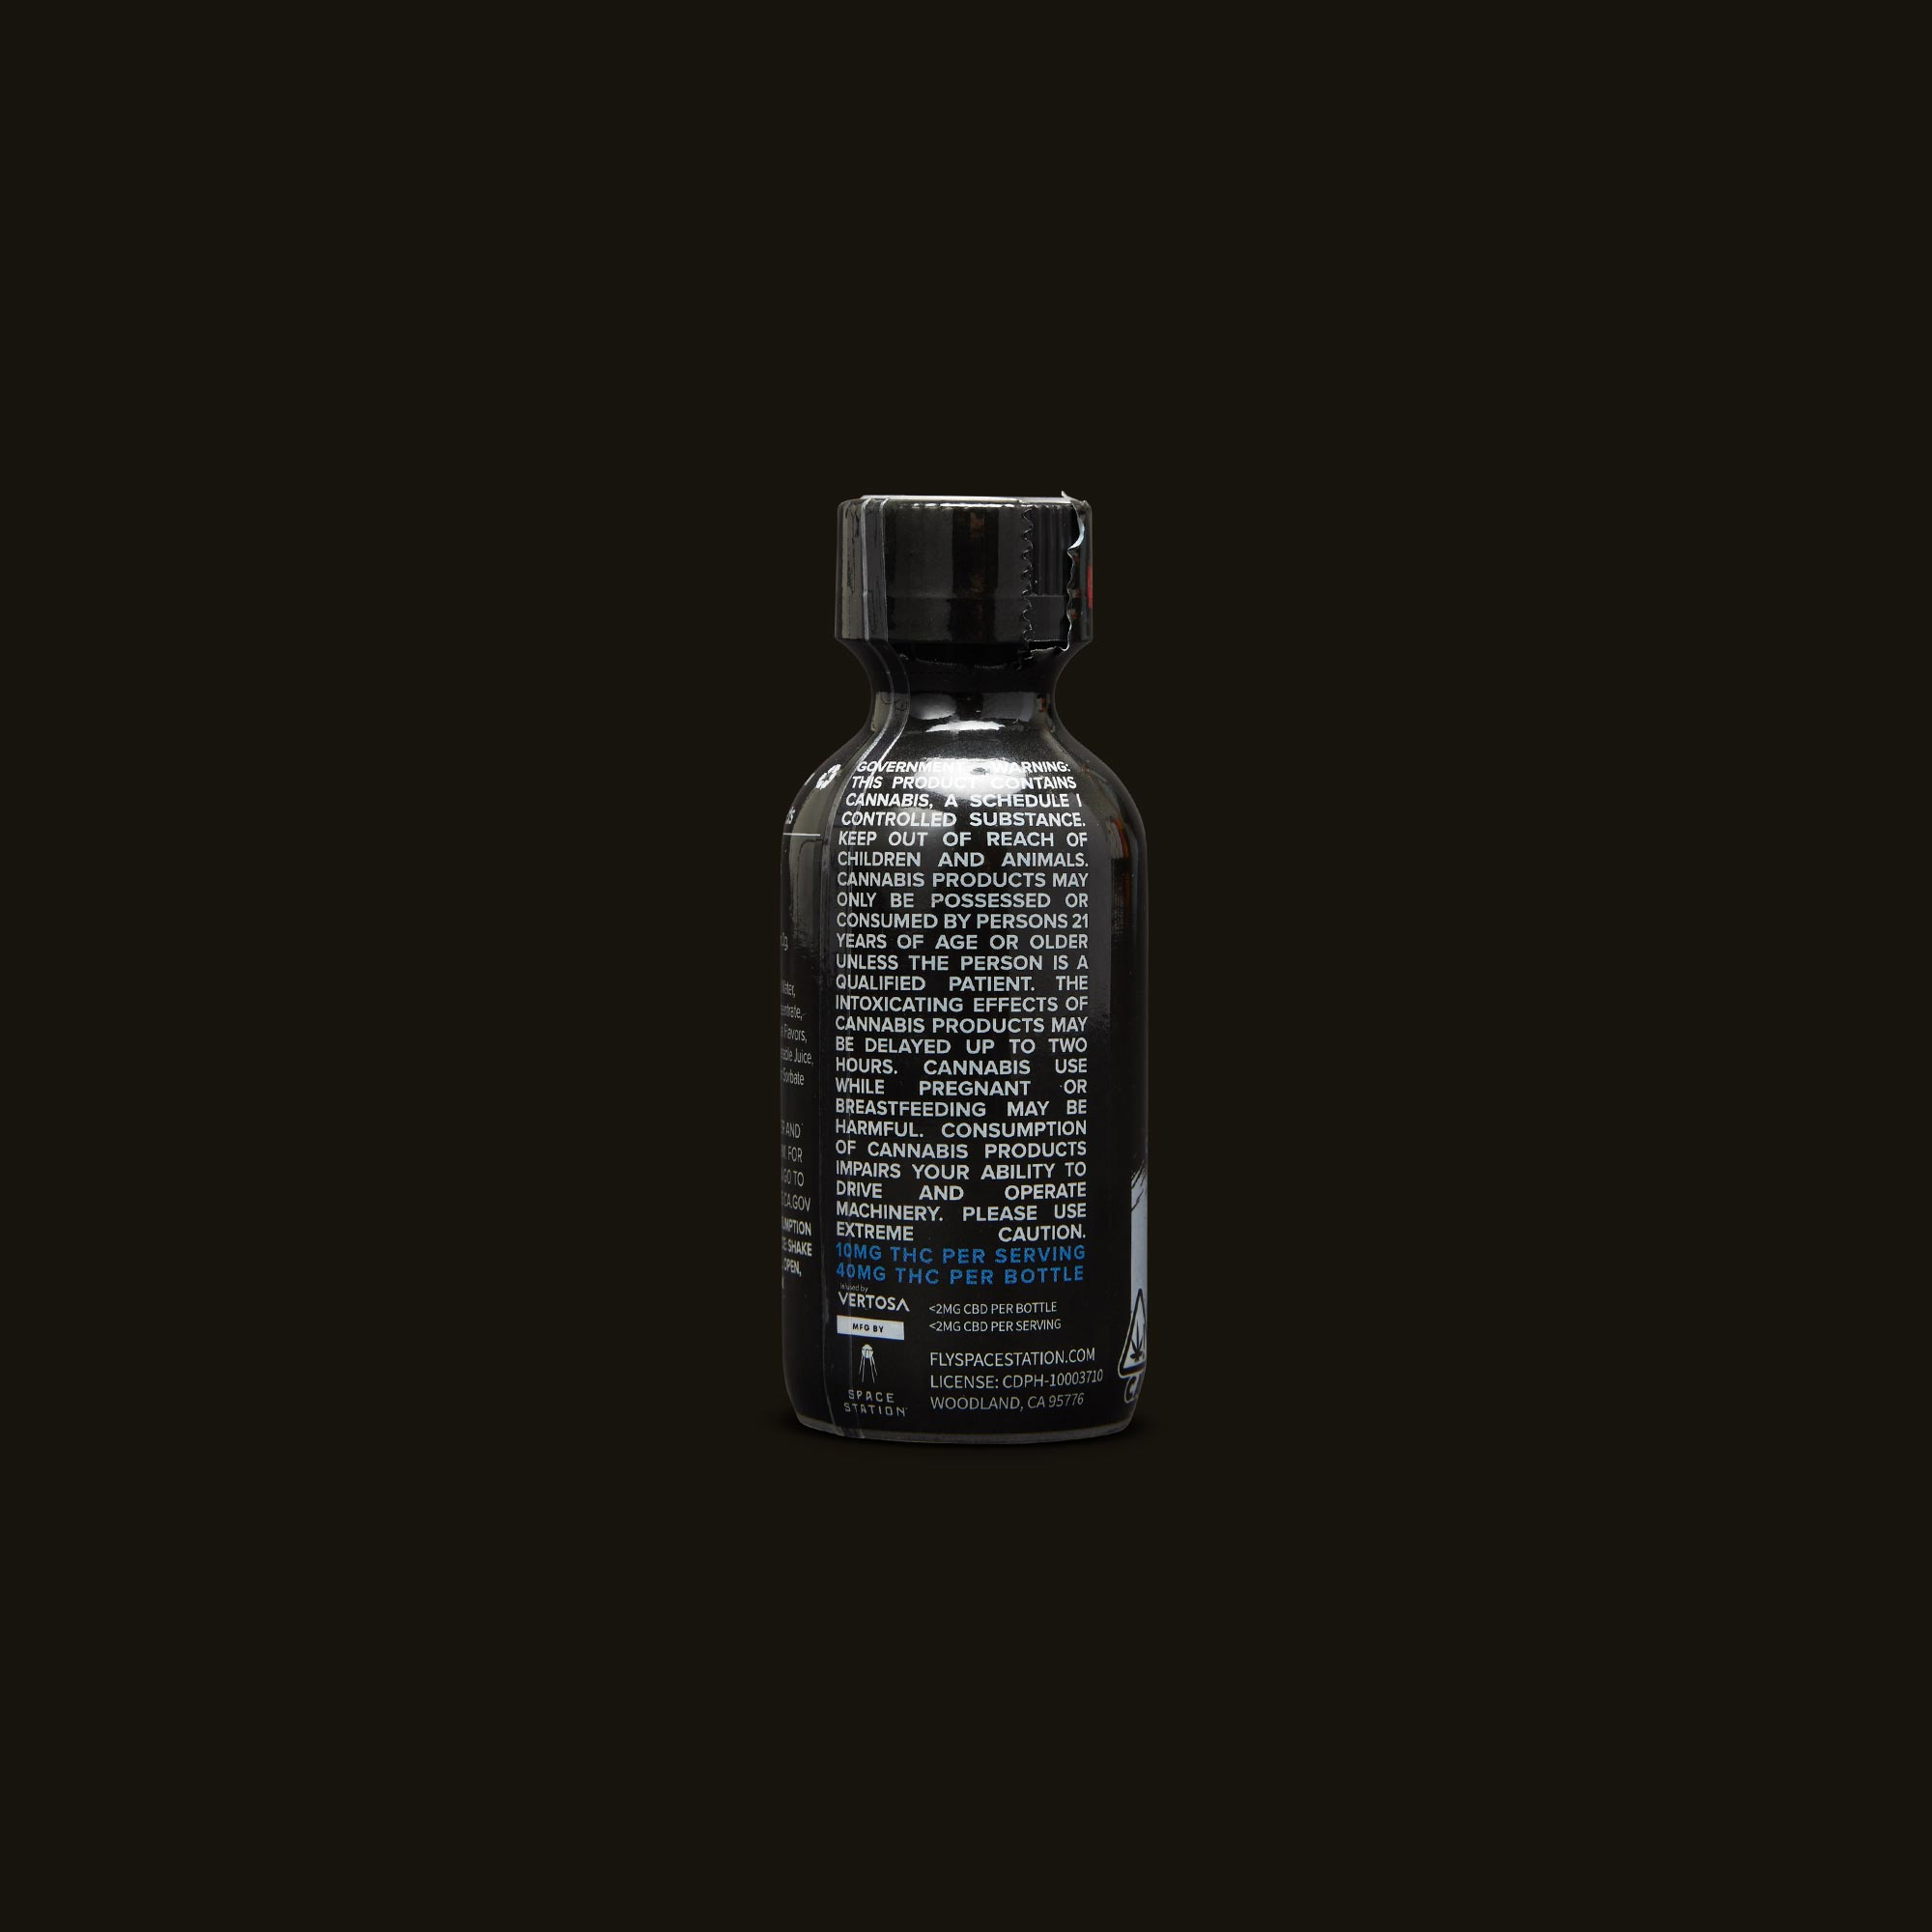 St Ides Sour Diesel Infused Shot Back Packaging